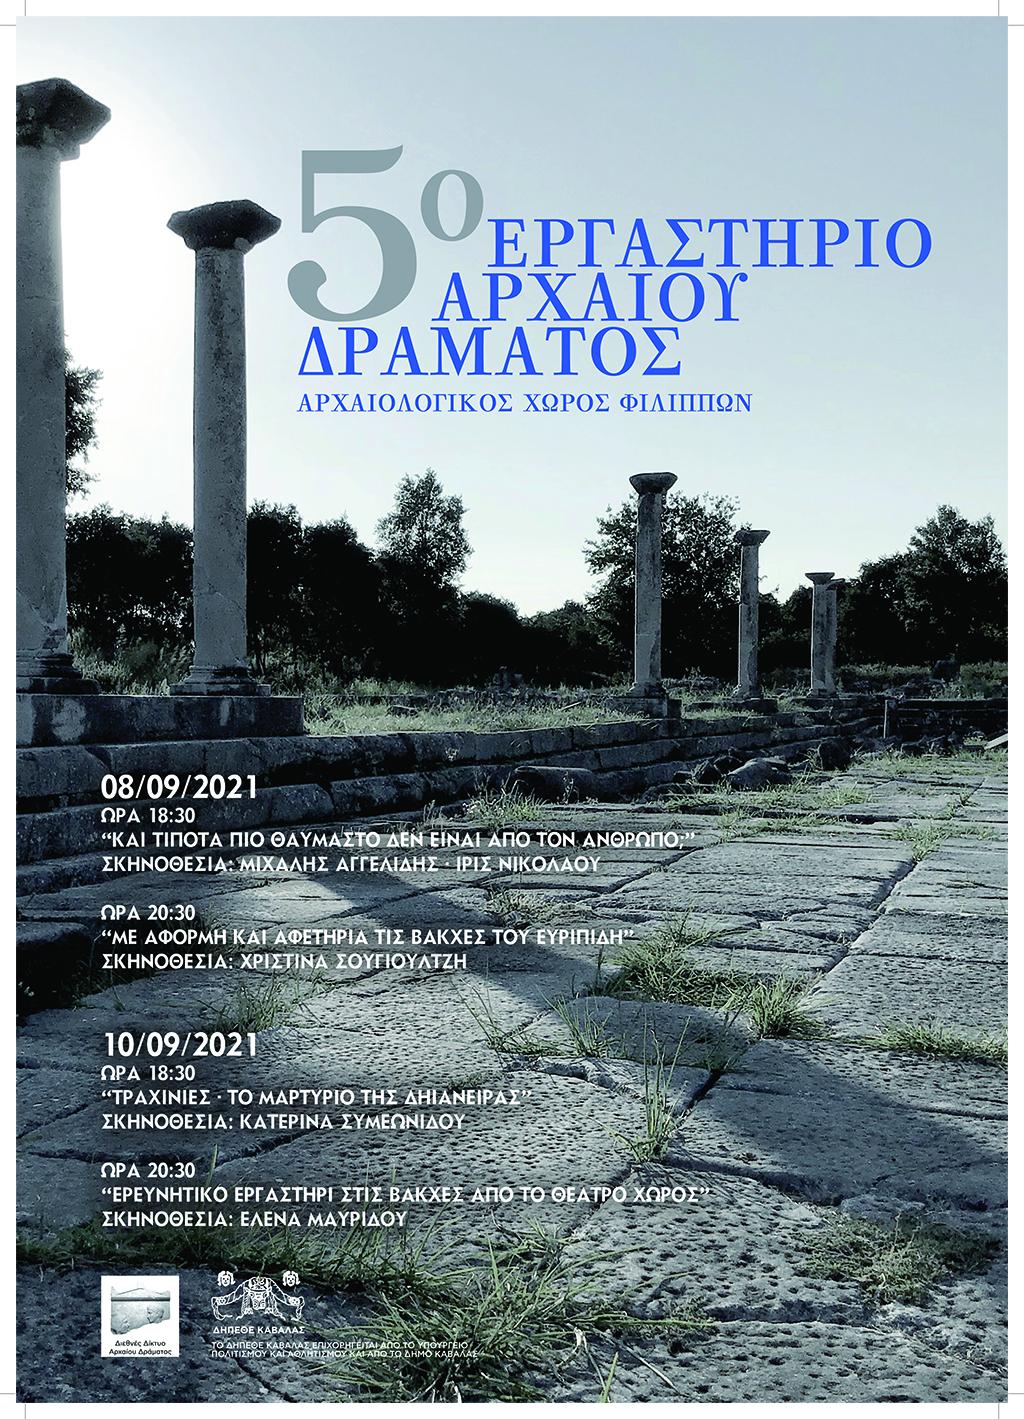 5ο Εργαστήριο Αρχαίου Δράματος. Αρχαιολογικός χώρος Φιλίππων